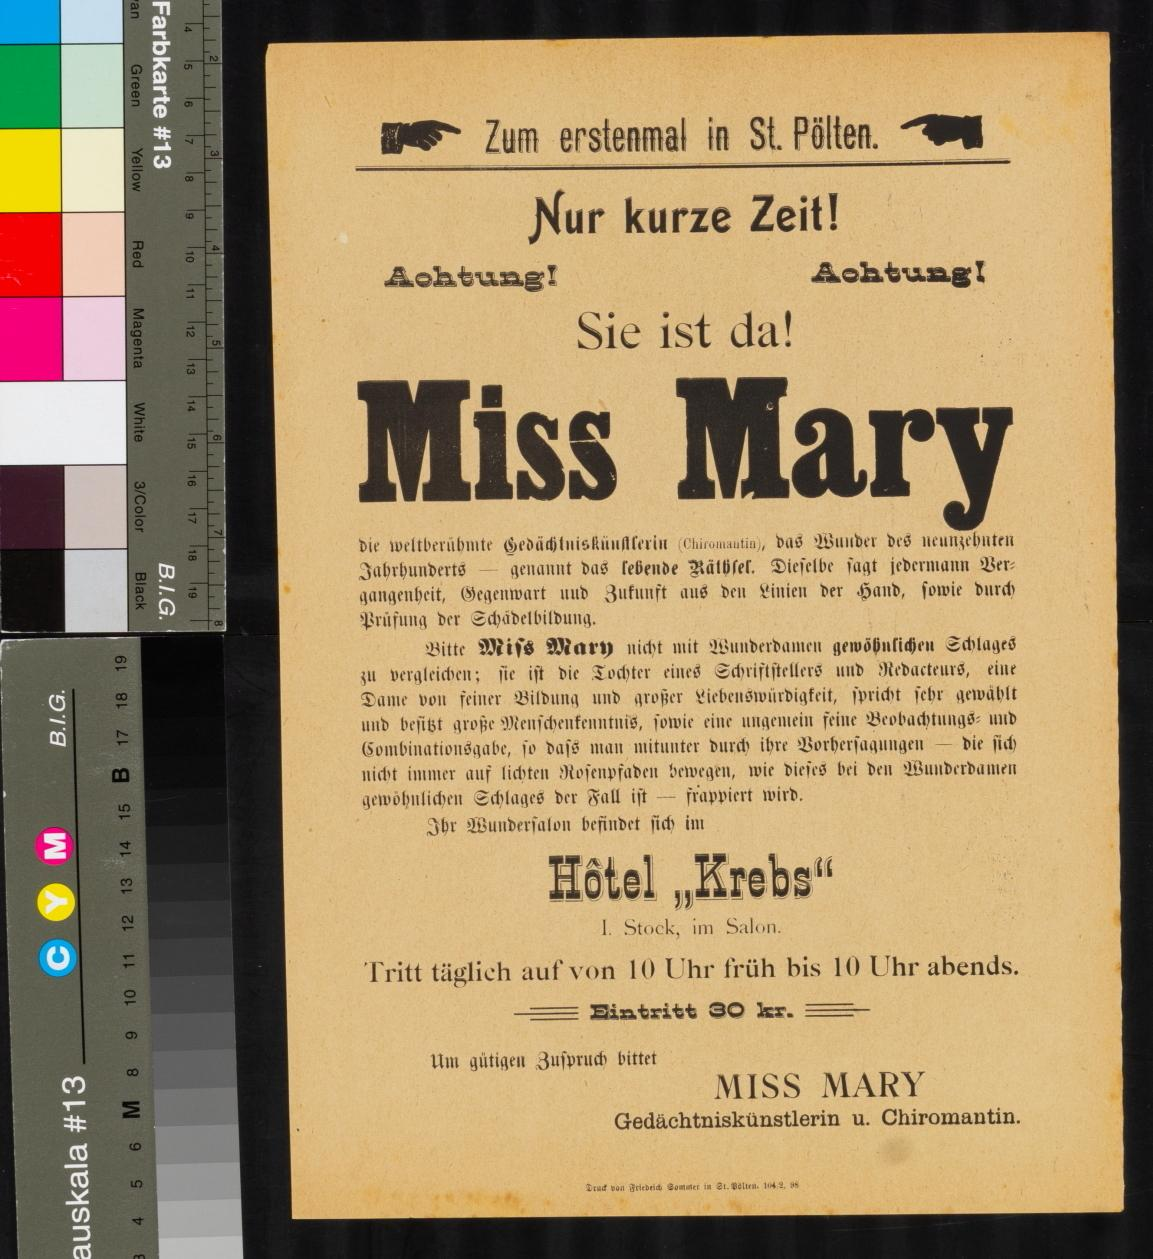 Veranstaltungsankündigung, Abend mit Miss Mary, der Gedächtniskünstlerin, St. Pölten, Hotel Krebs